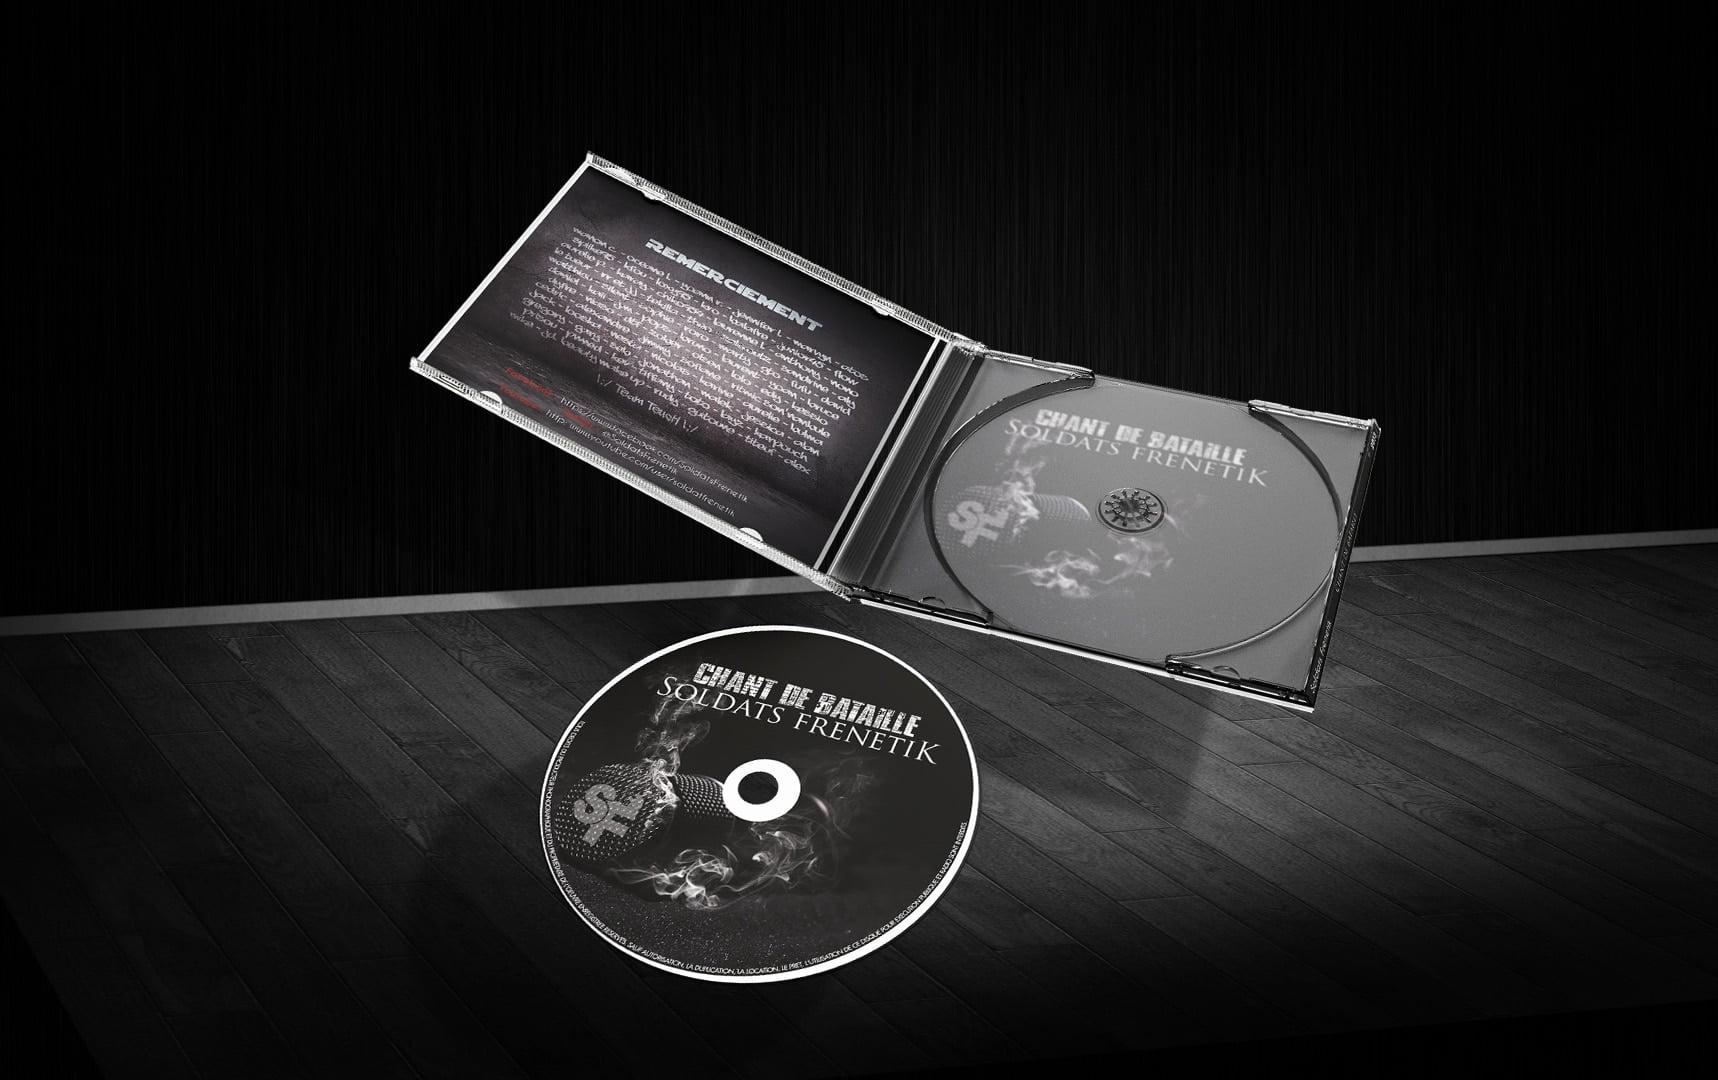 Création - cover album